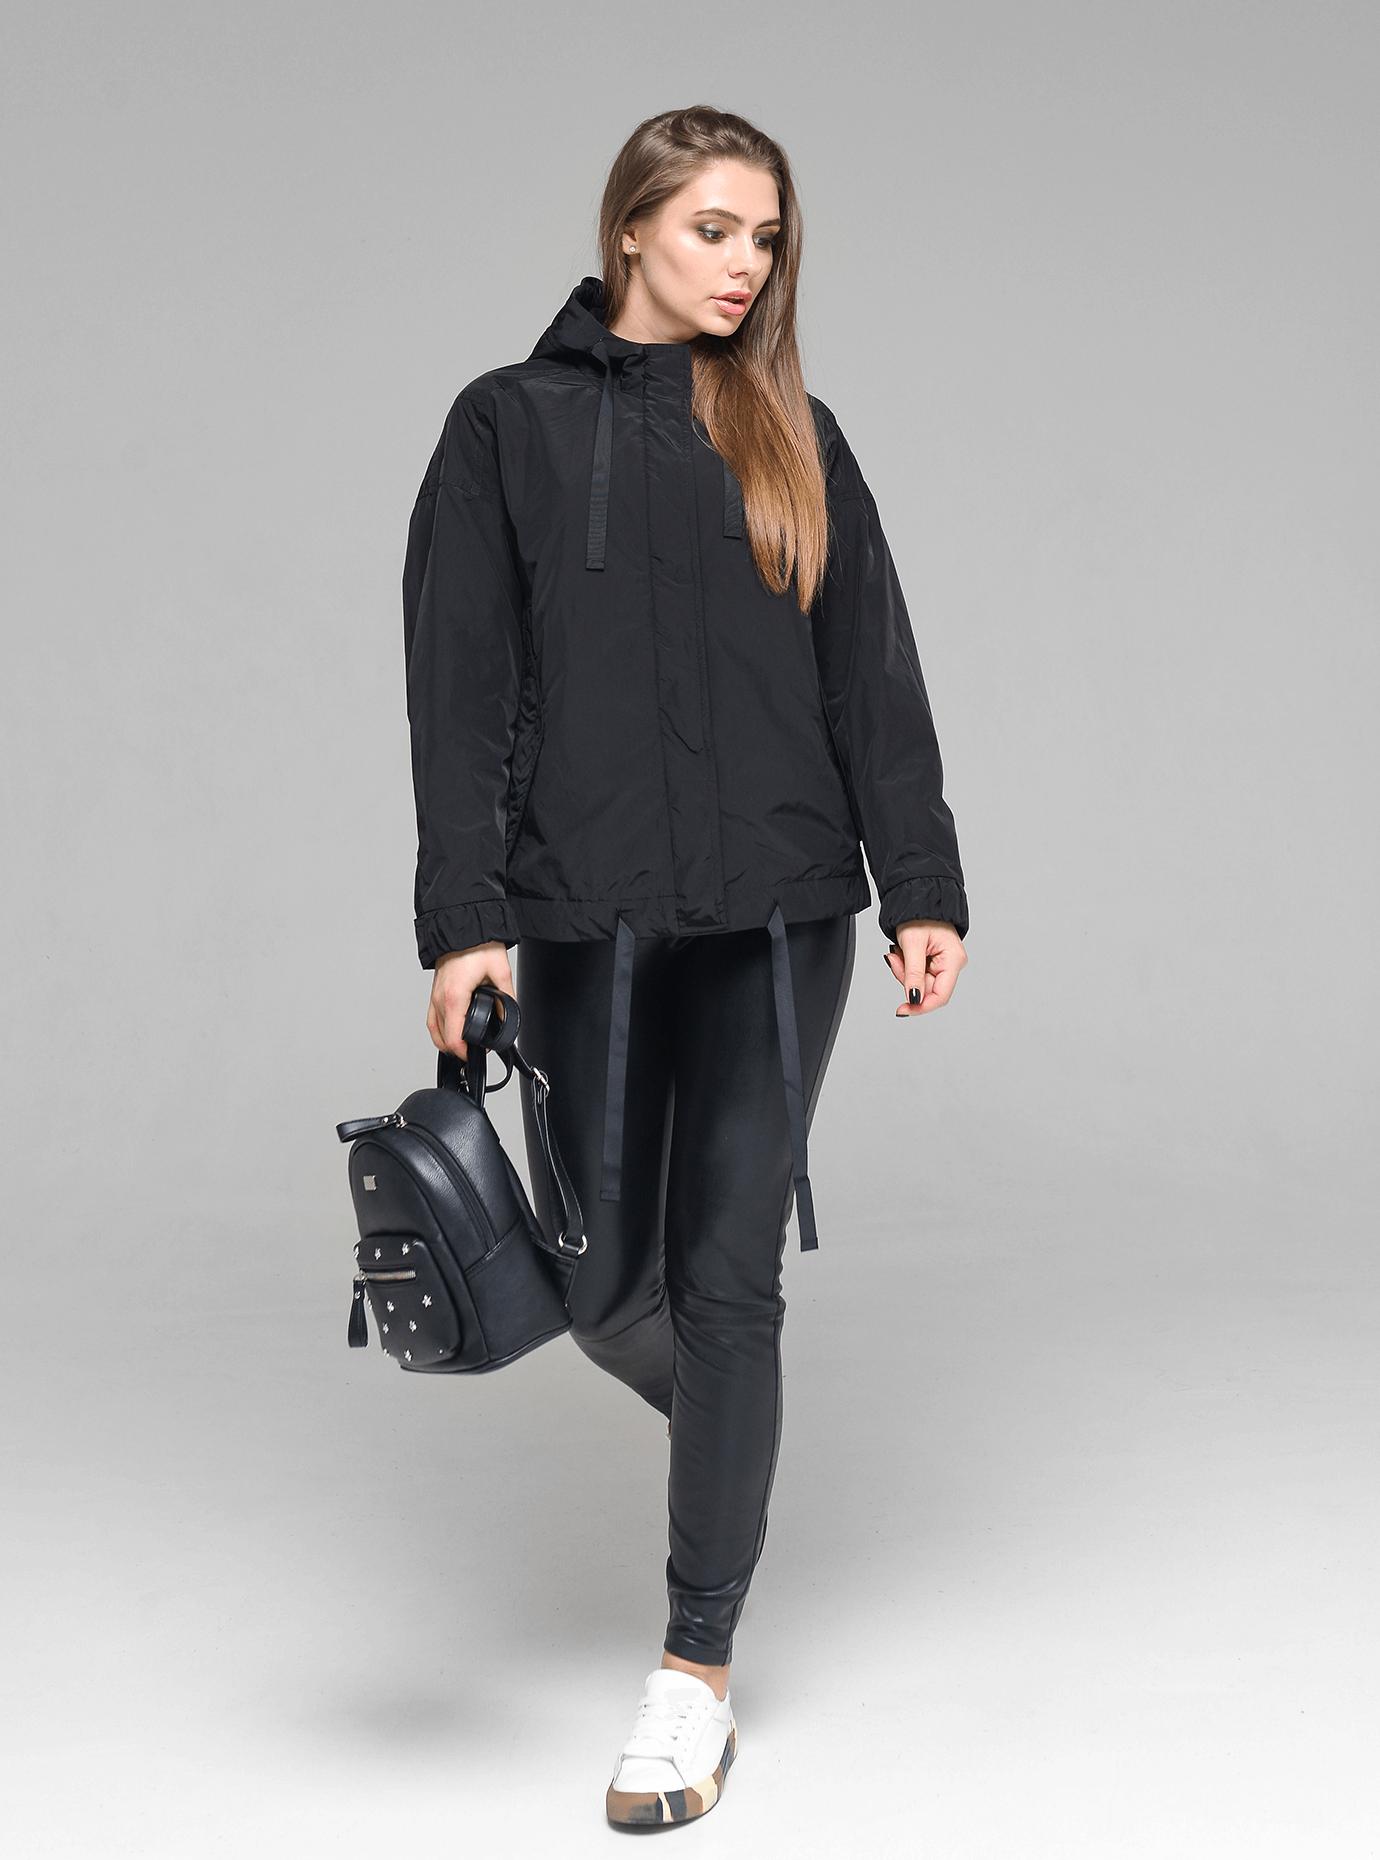 Куртка демисезонная женская Чёрный 2XL (02-D190124): фото - Alster.ua